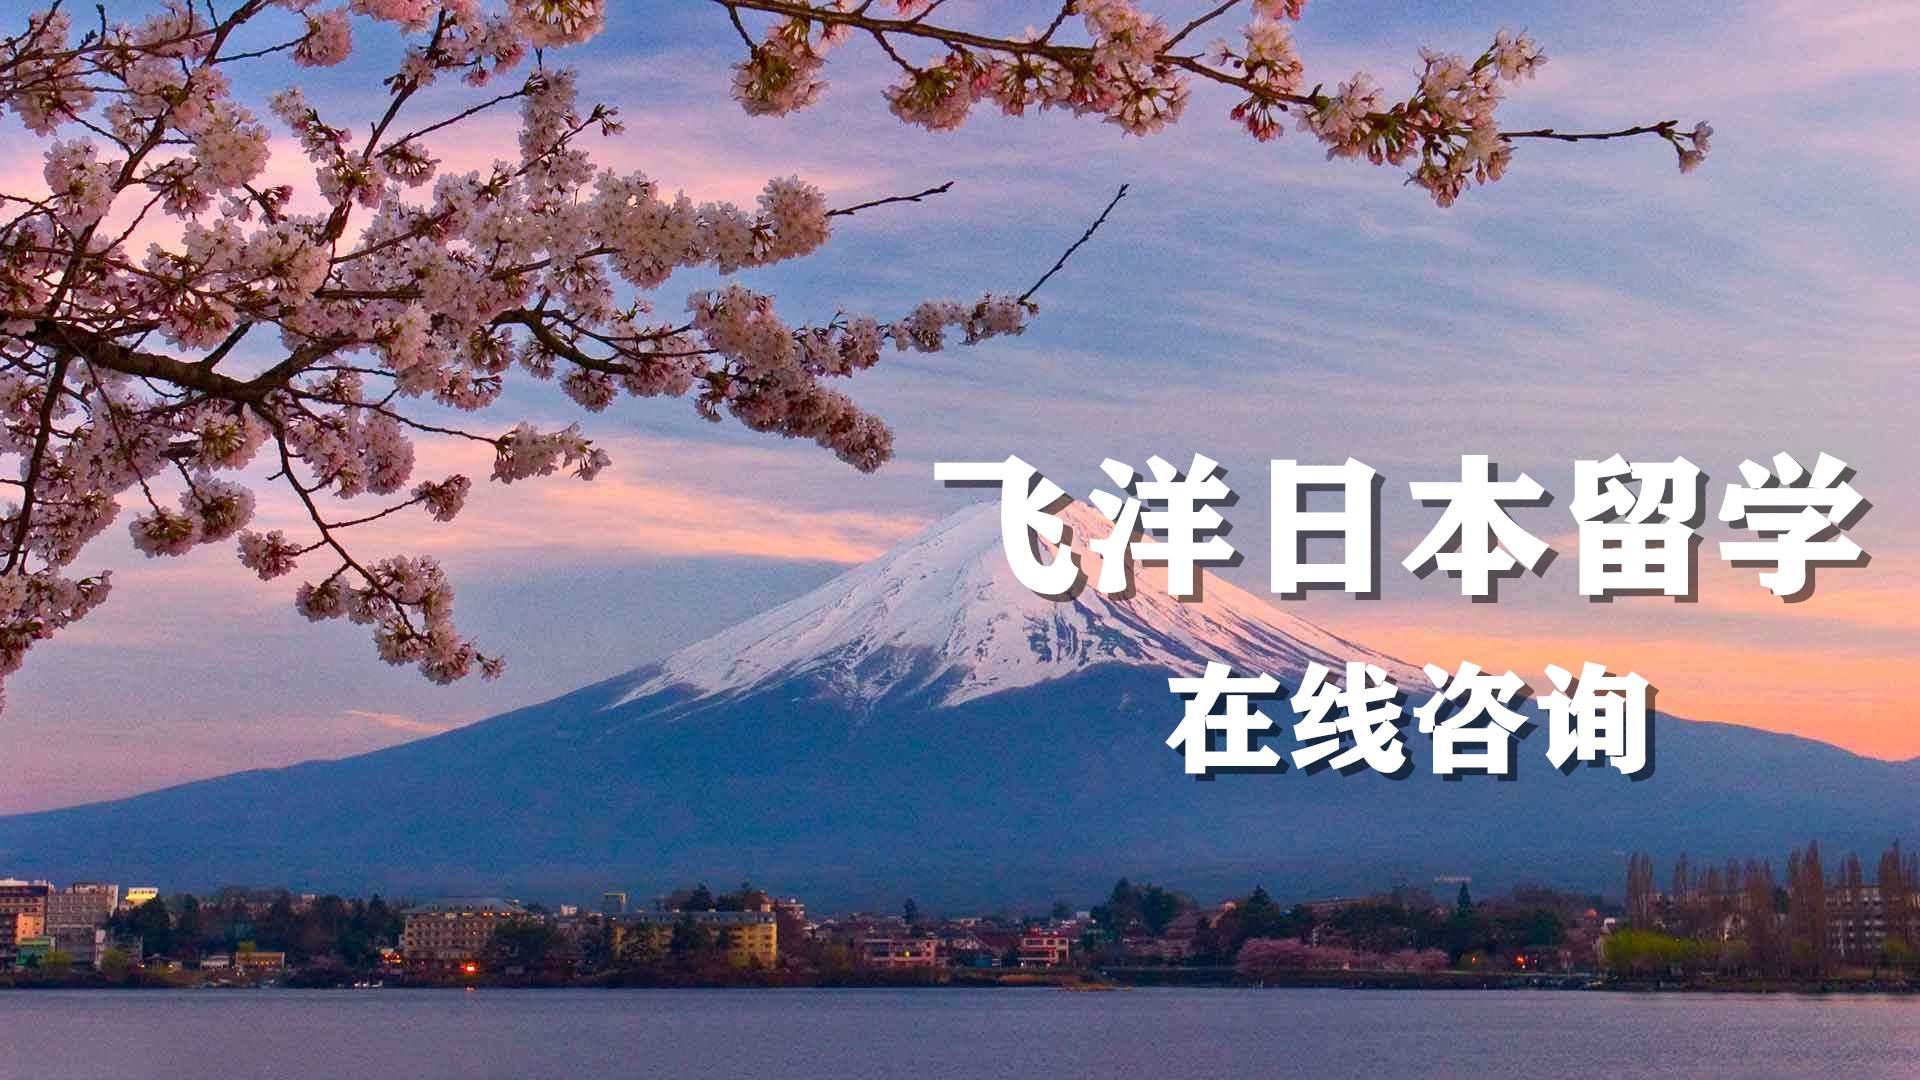 焦作日本留学机构-焦作申请日本留学课程